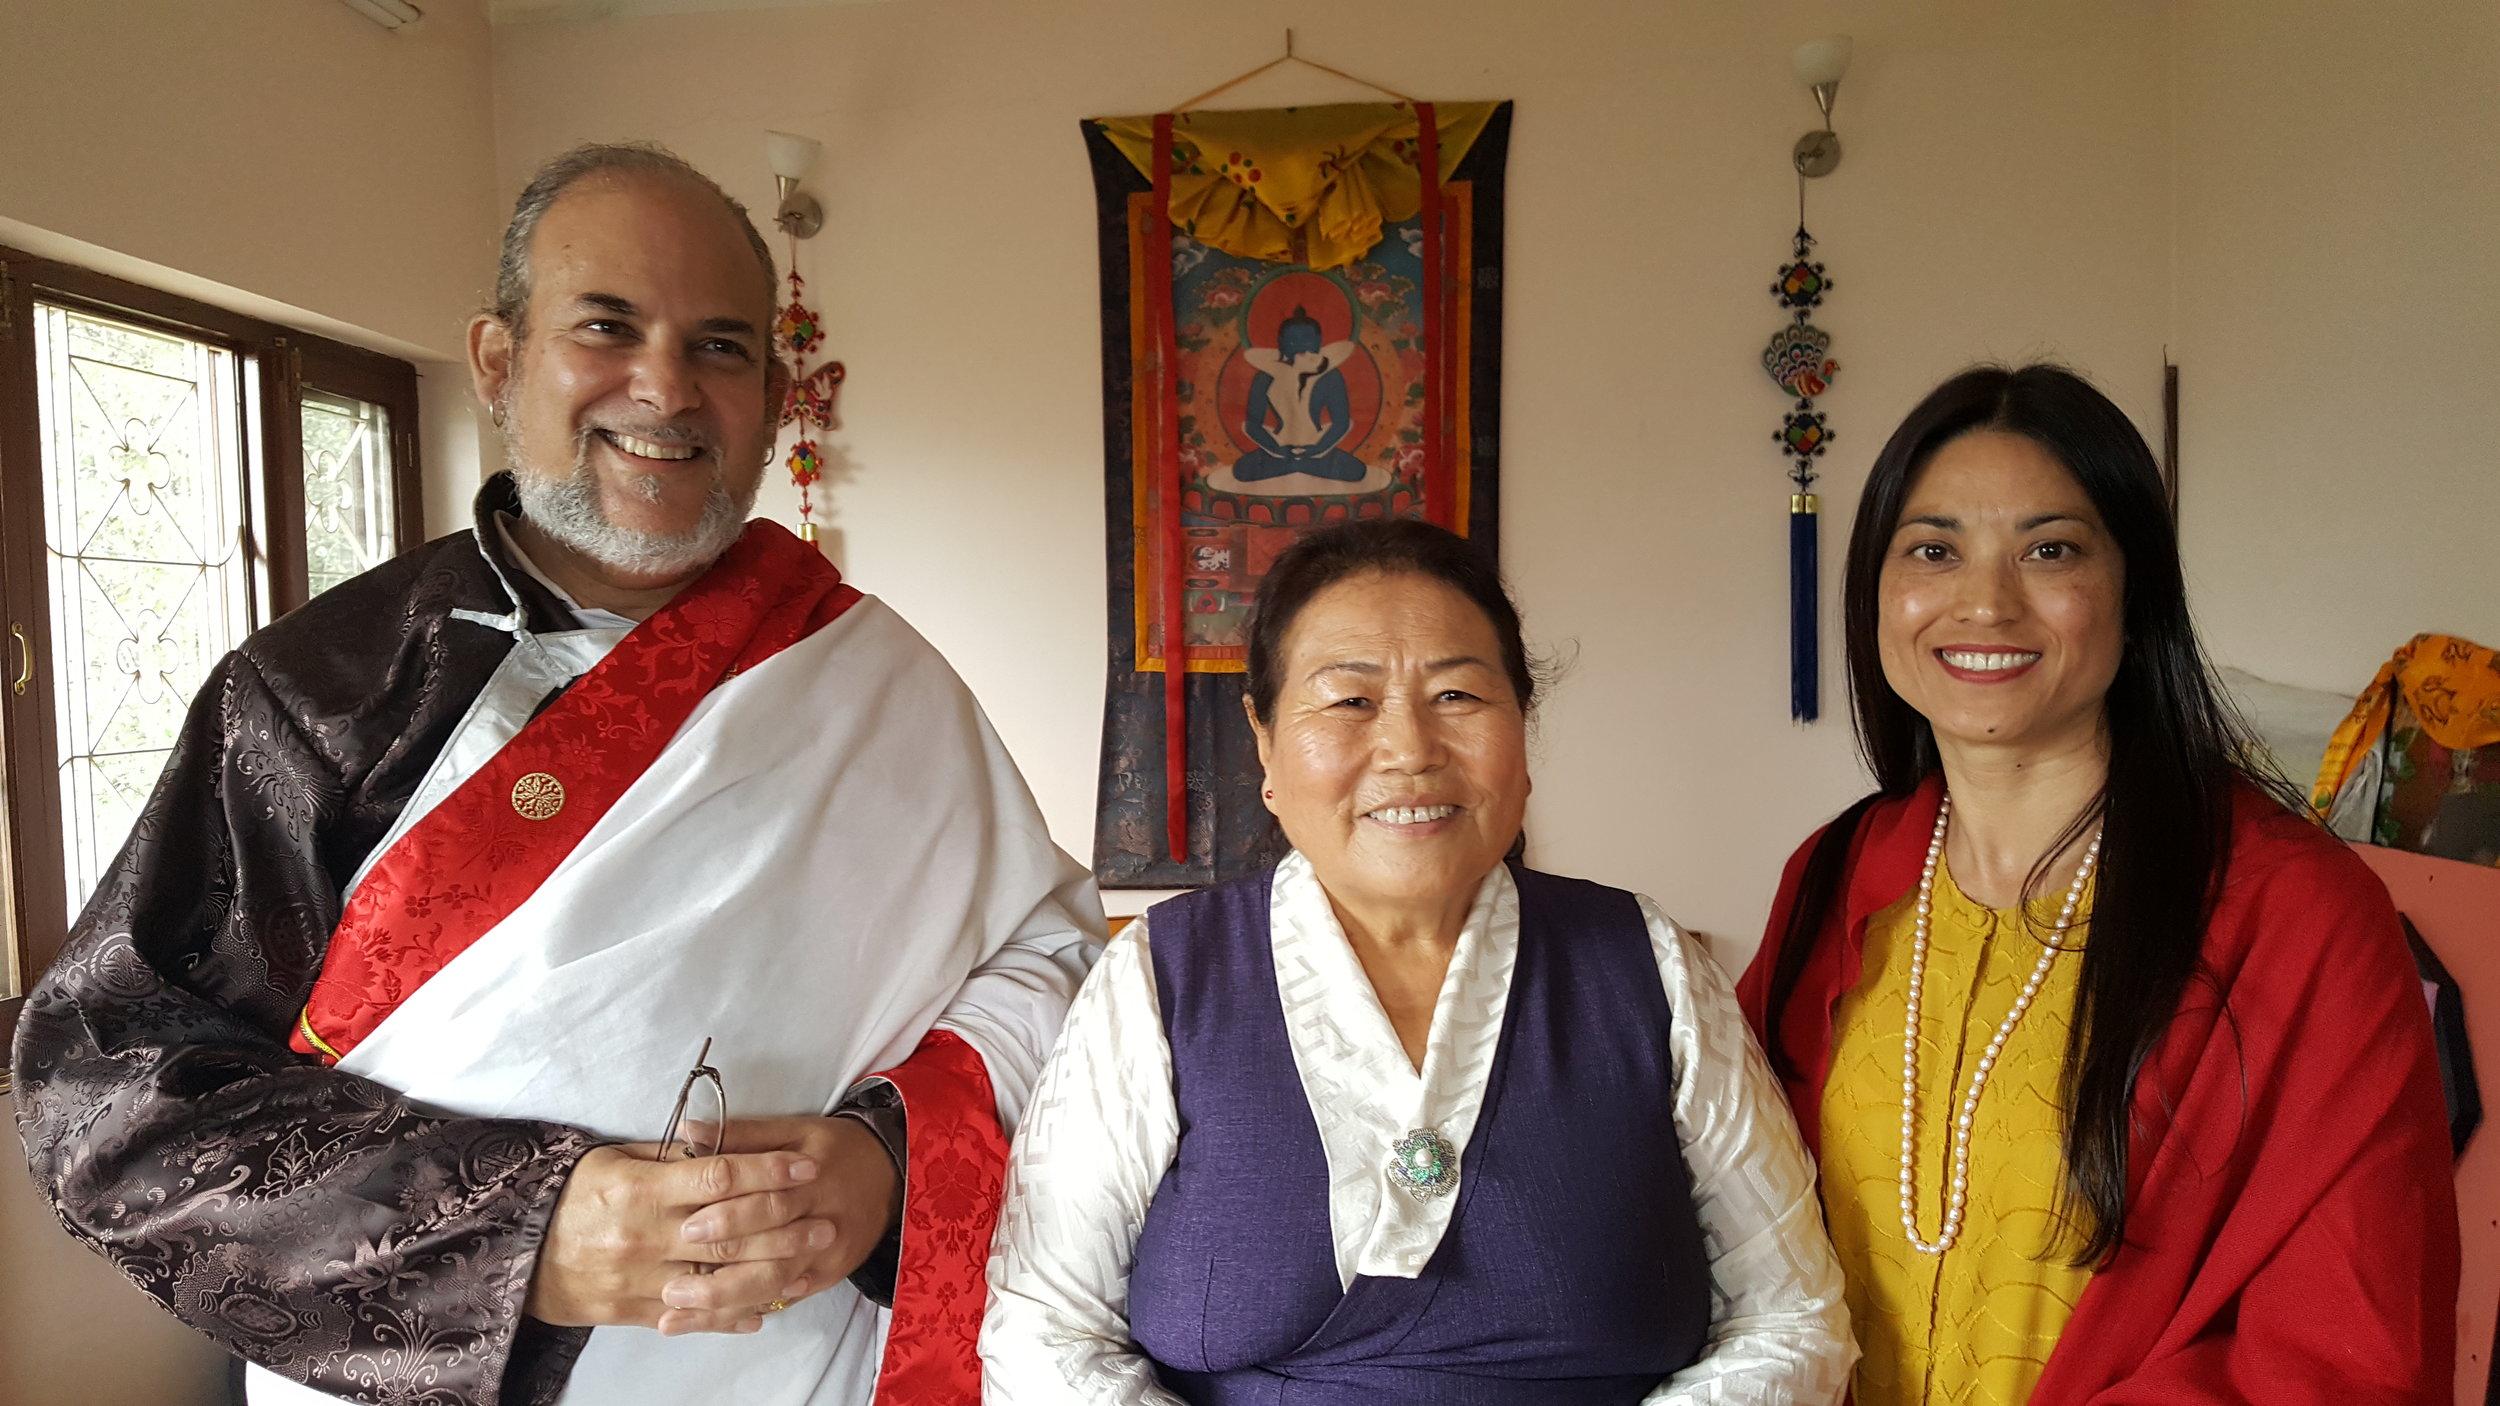 With Sangyum Kamala